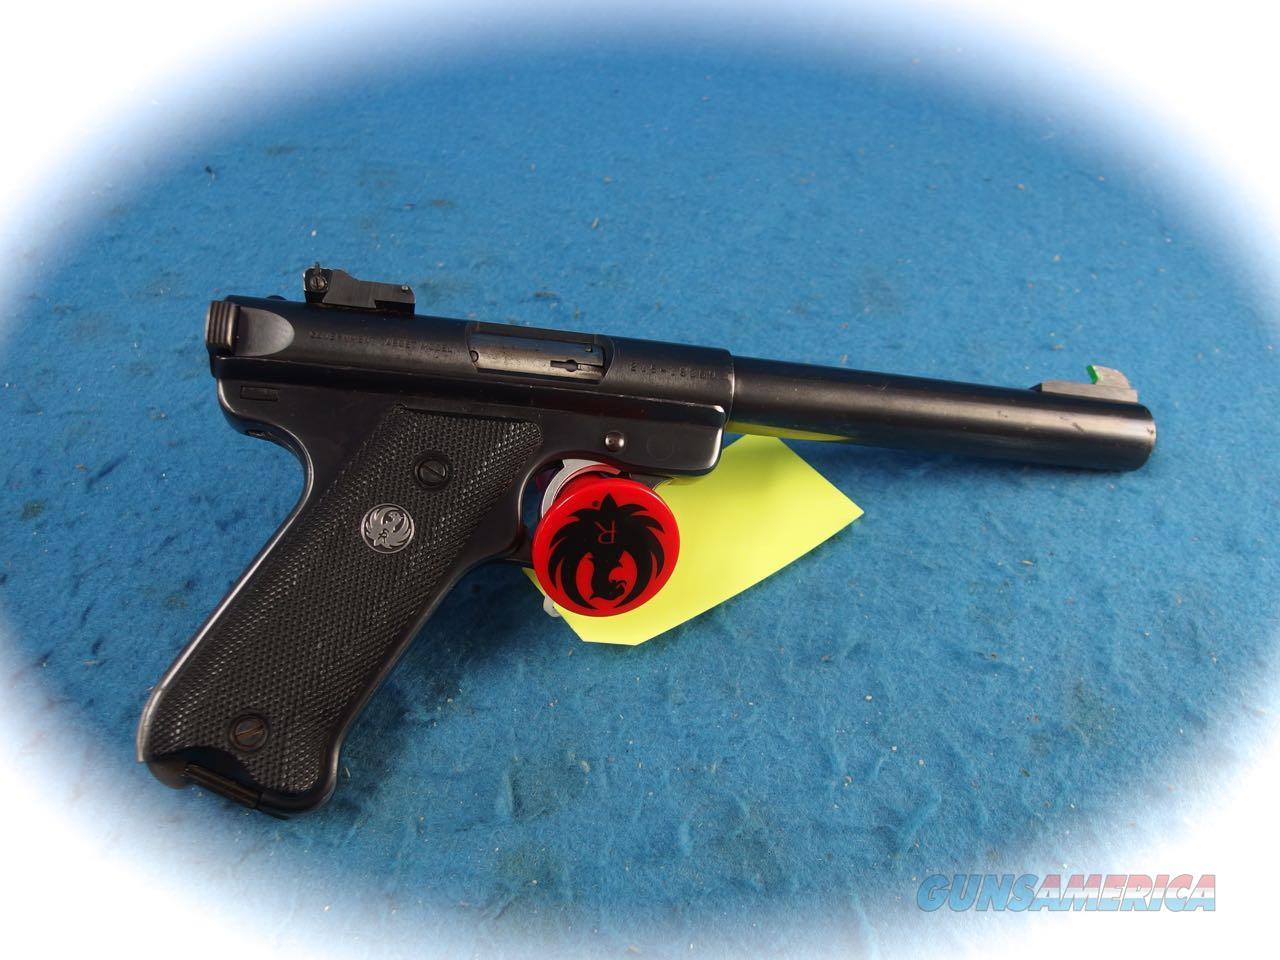 Ruger Mark II Target Pistol .22LR Cal   **Used**  Guns > Pistols > Ruger Semi-Auto Pistols > Mark I/II/III/IV Family